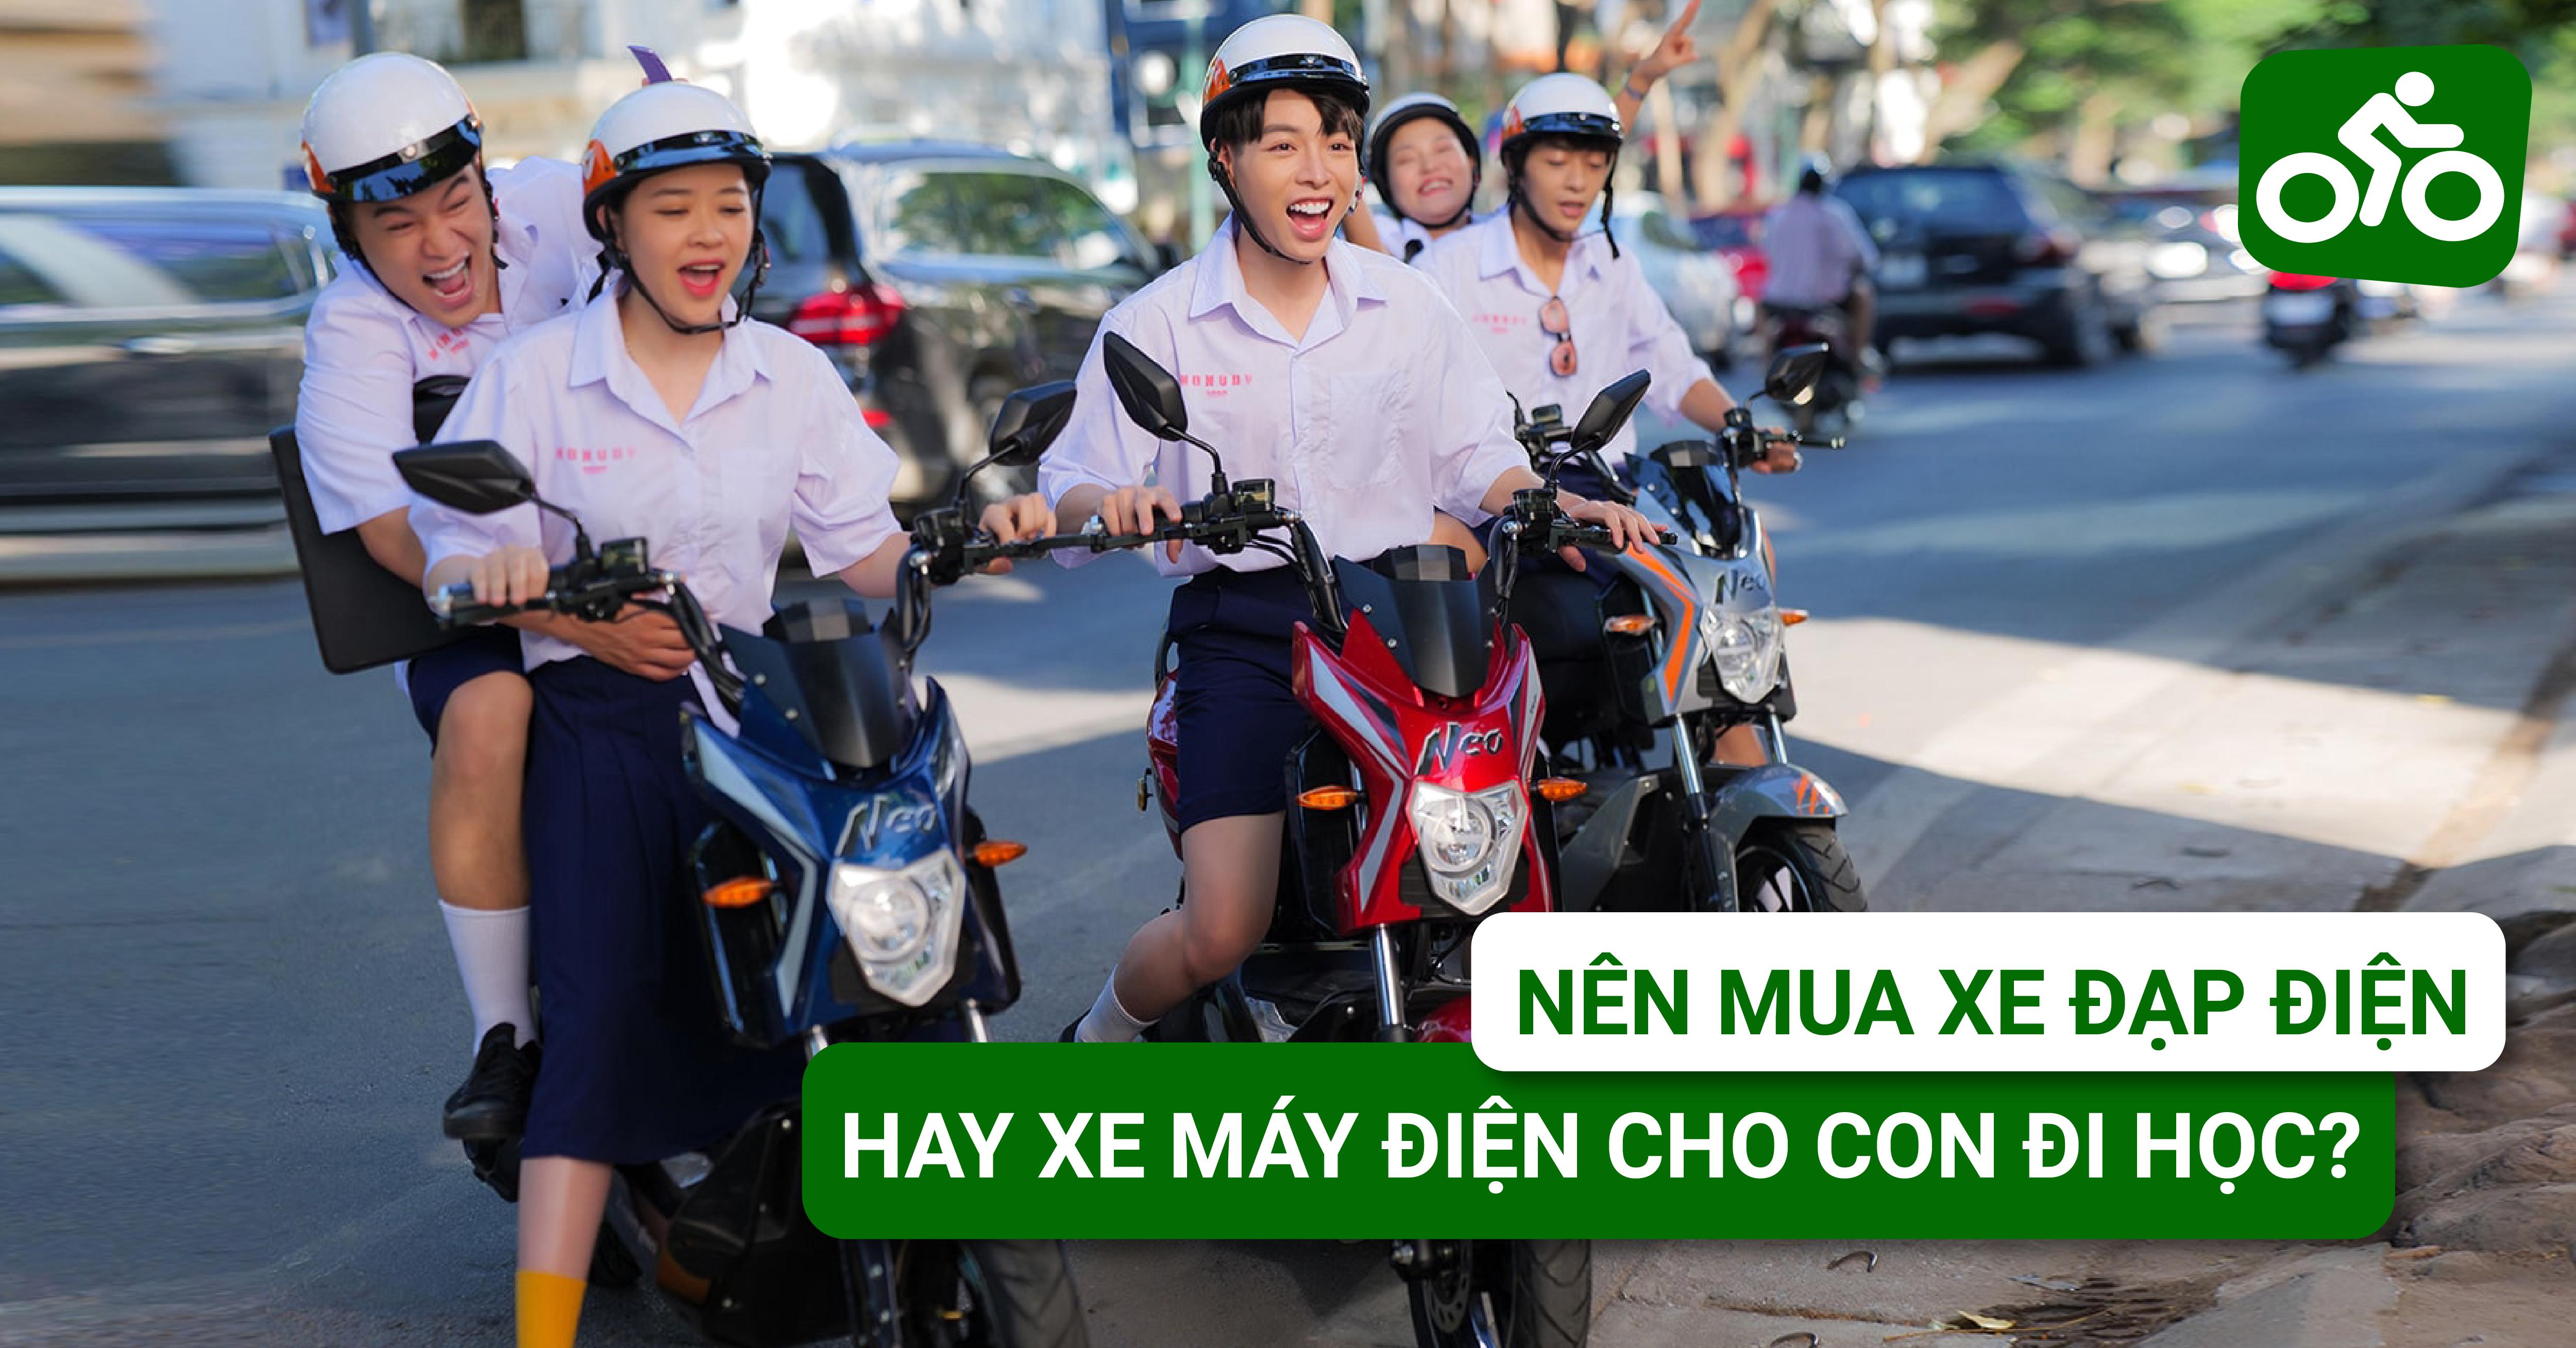 Nên mua xe đạp điện hay xe máy điện cho con đi học?